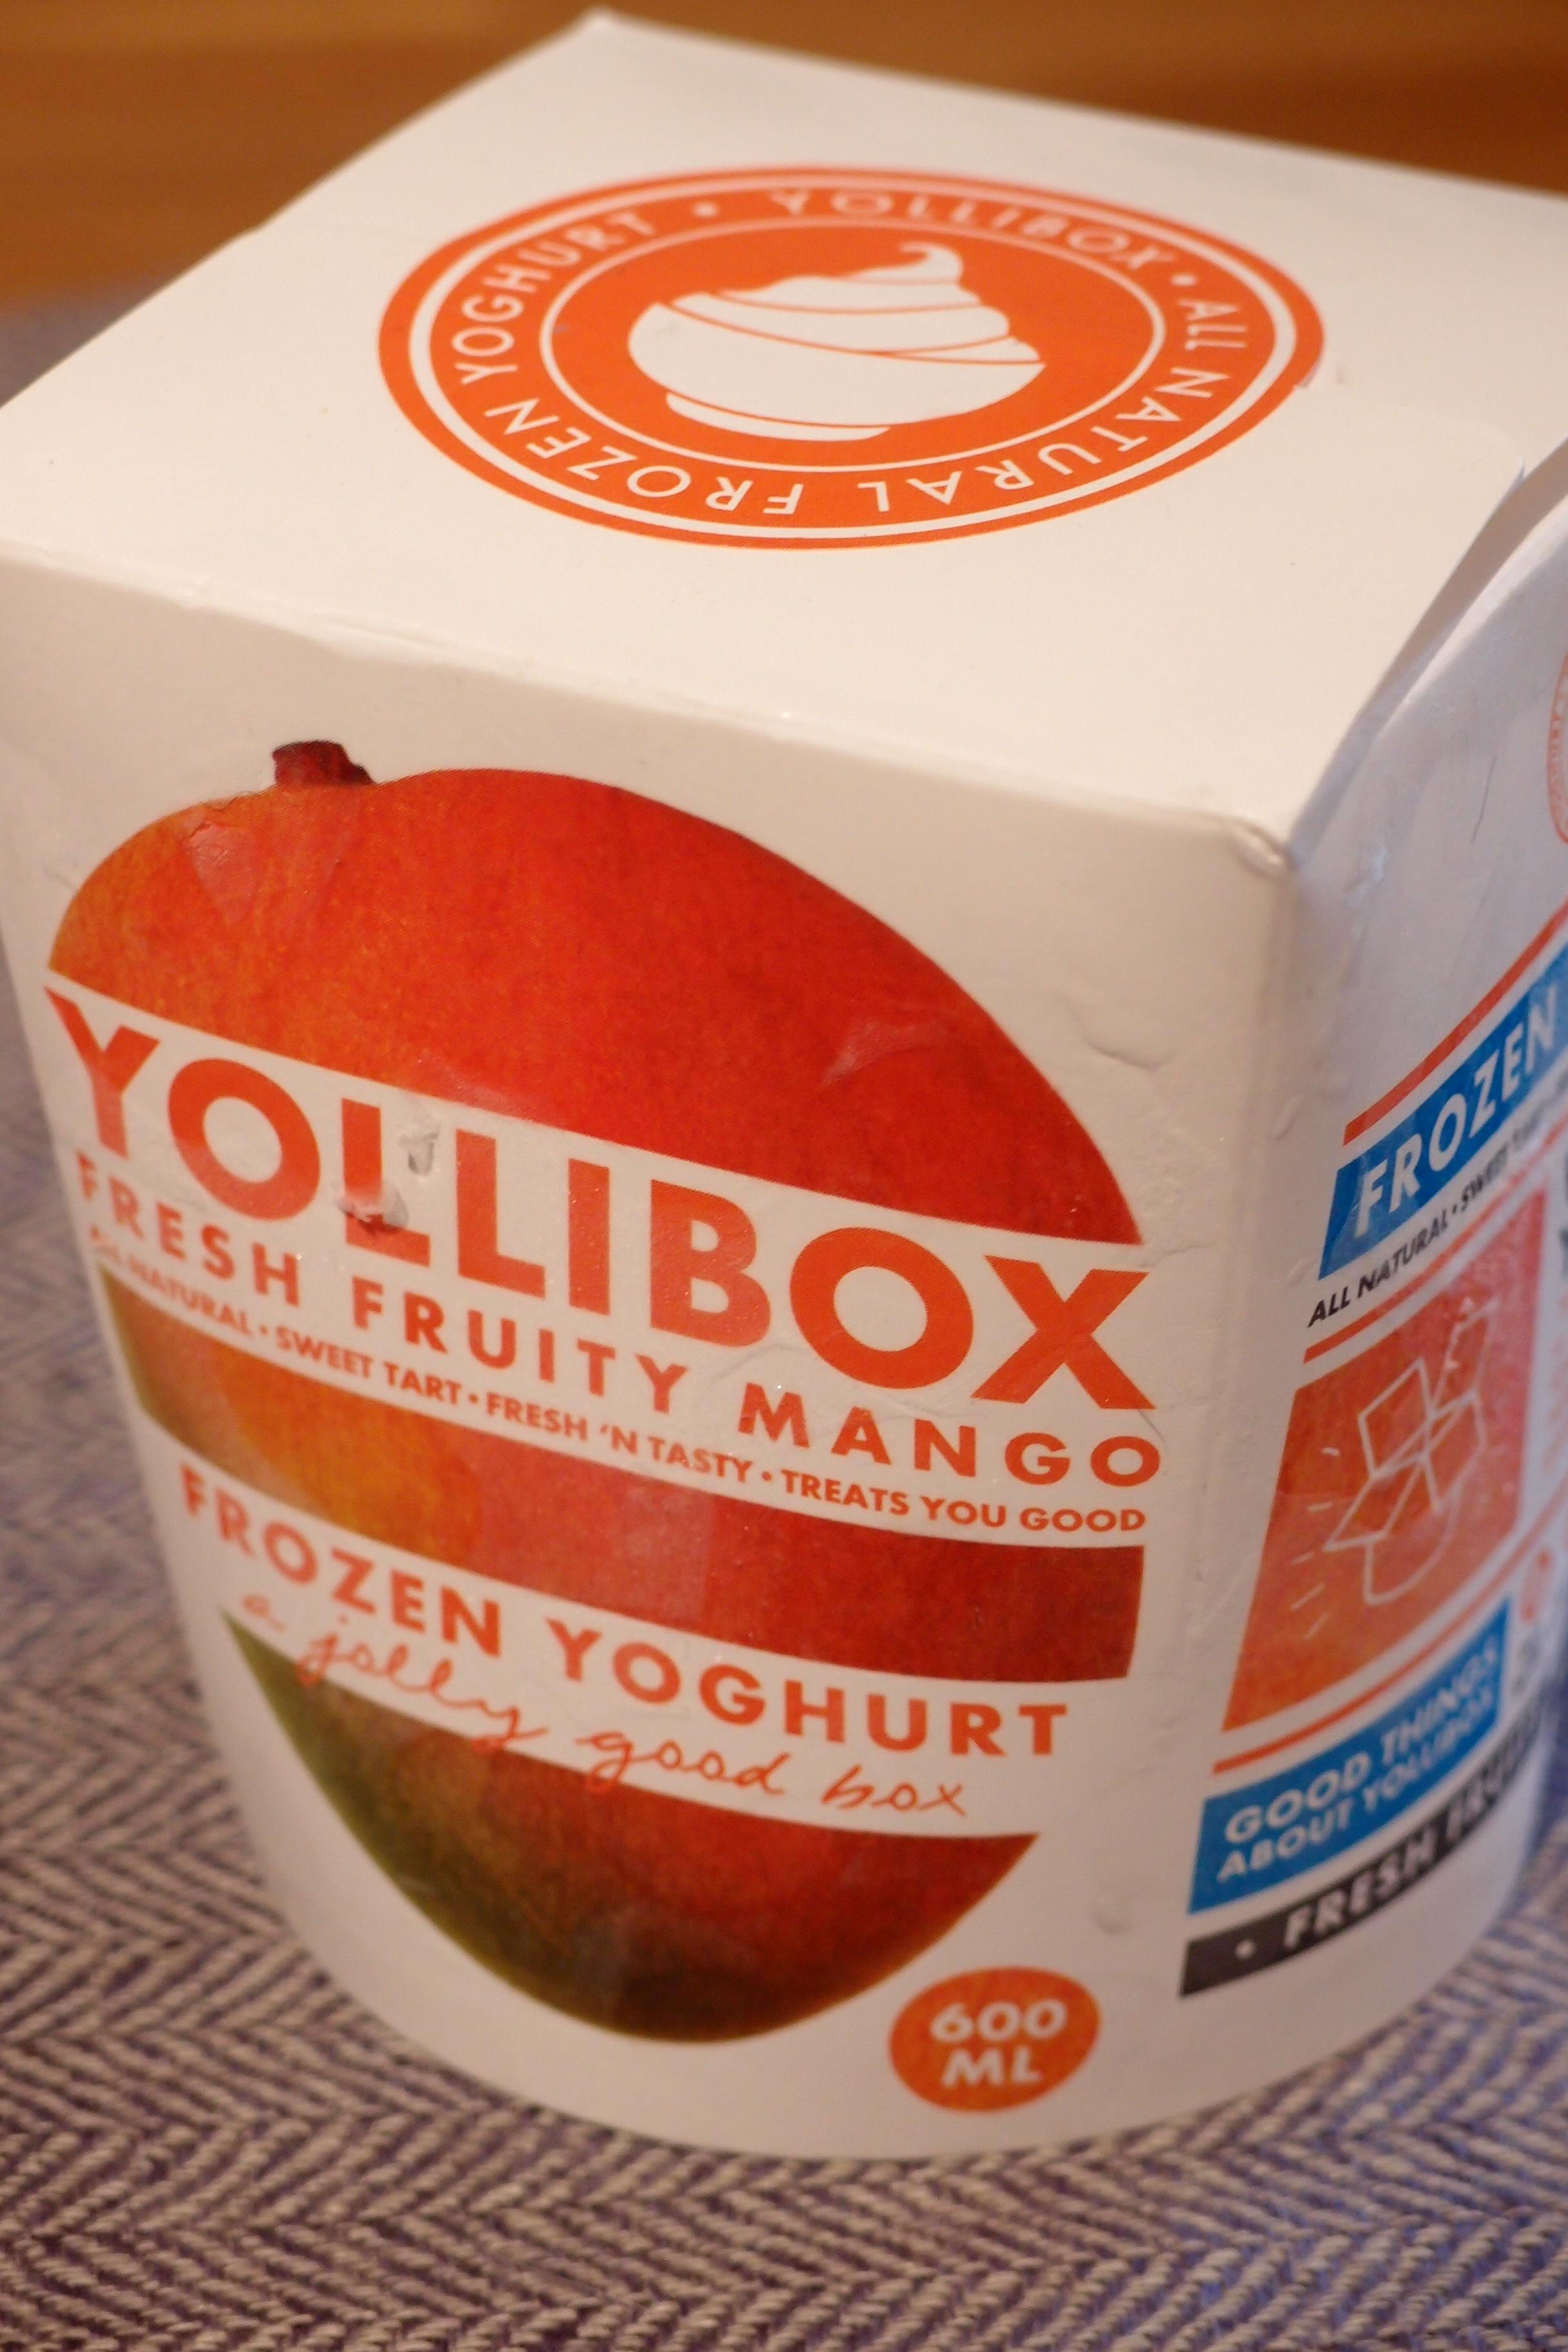 frozen yoghurt ica